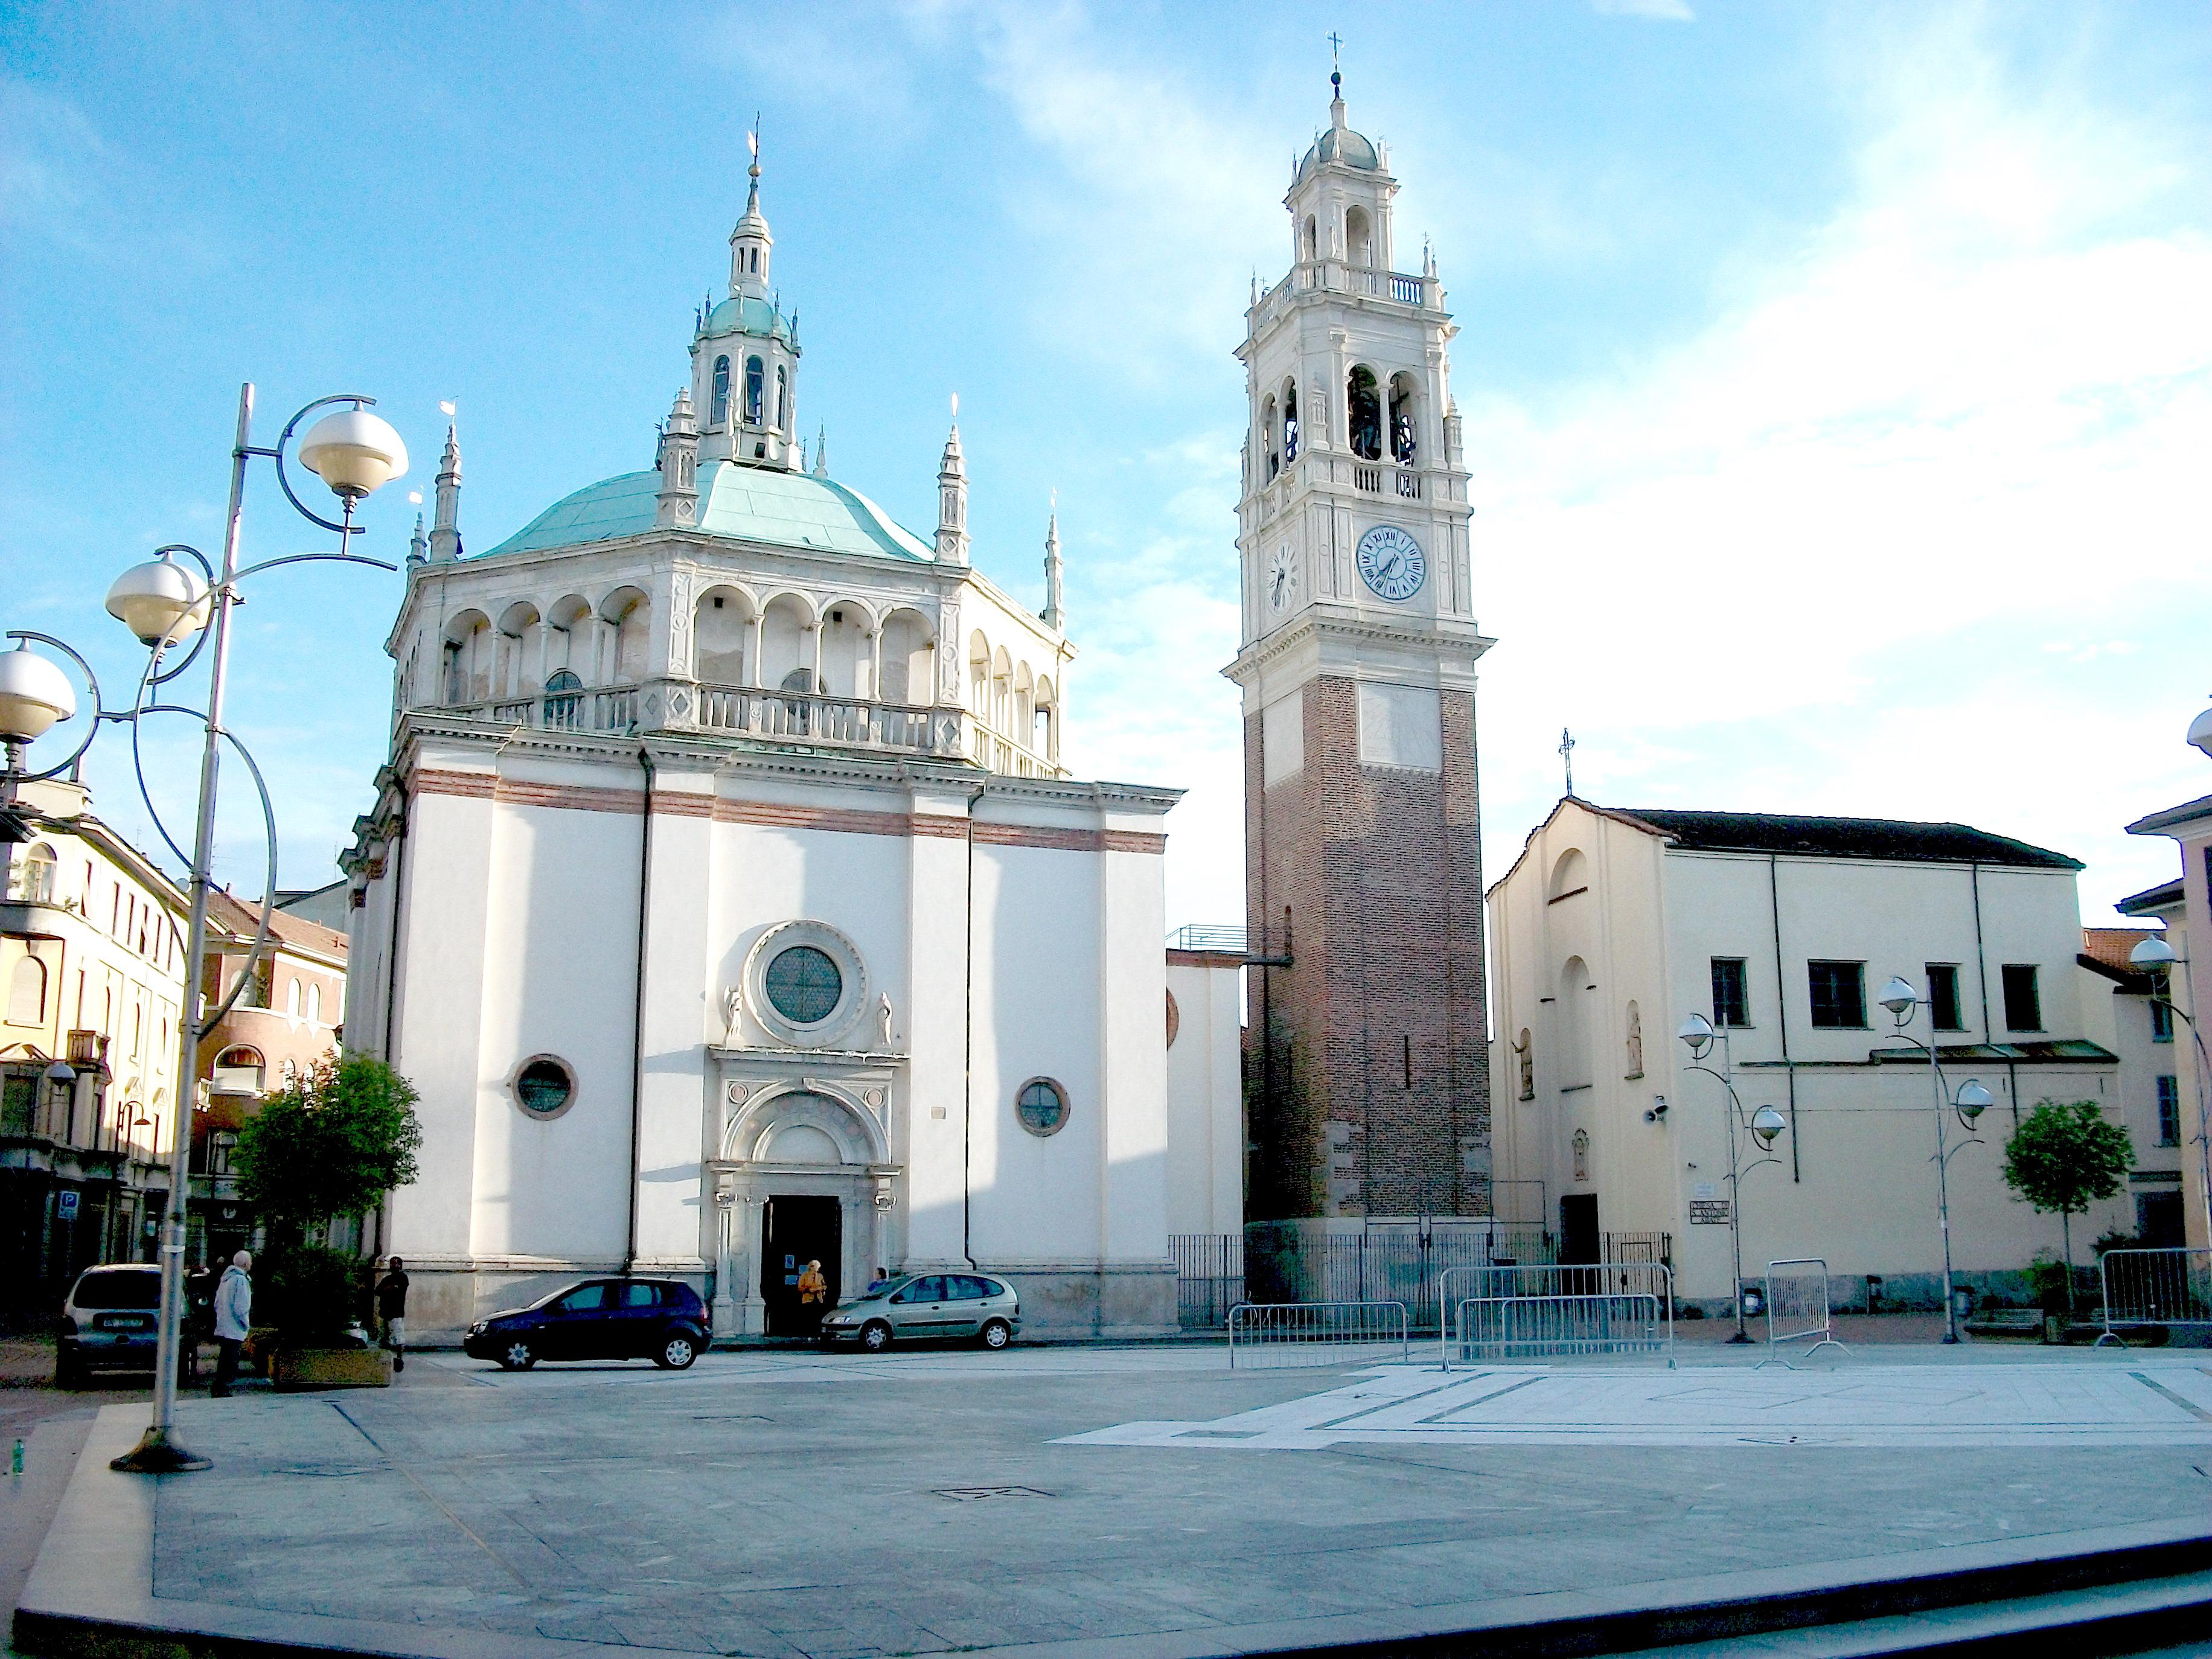 Il 28 aprile a busto arsizio va fondazione don lorenzo for Le torri arredamento busto arsizio